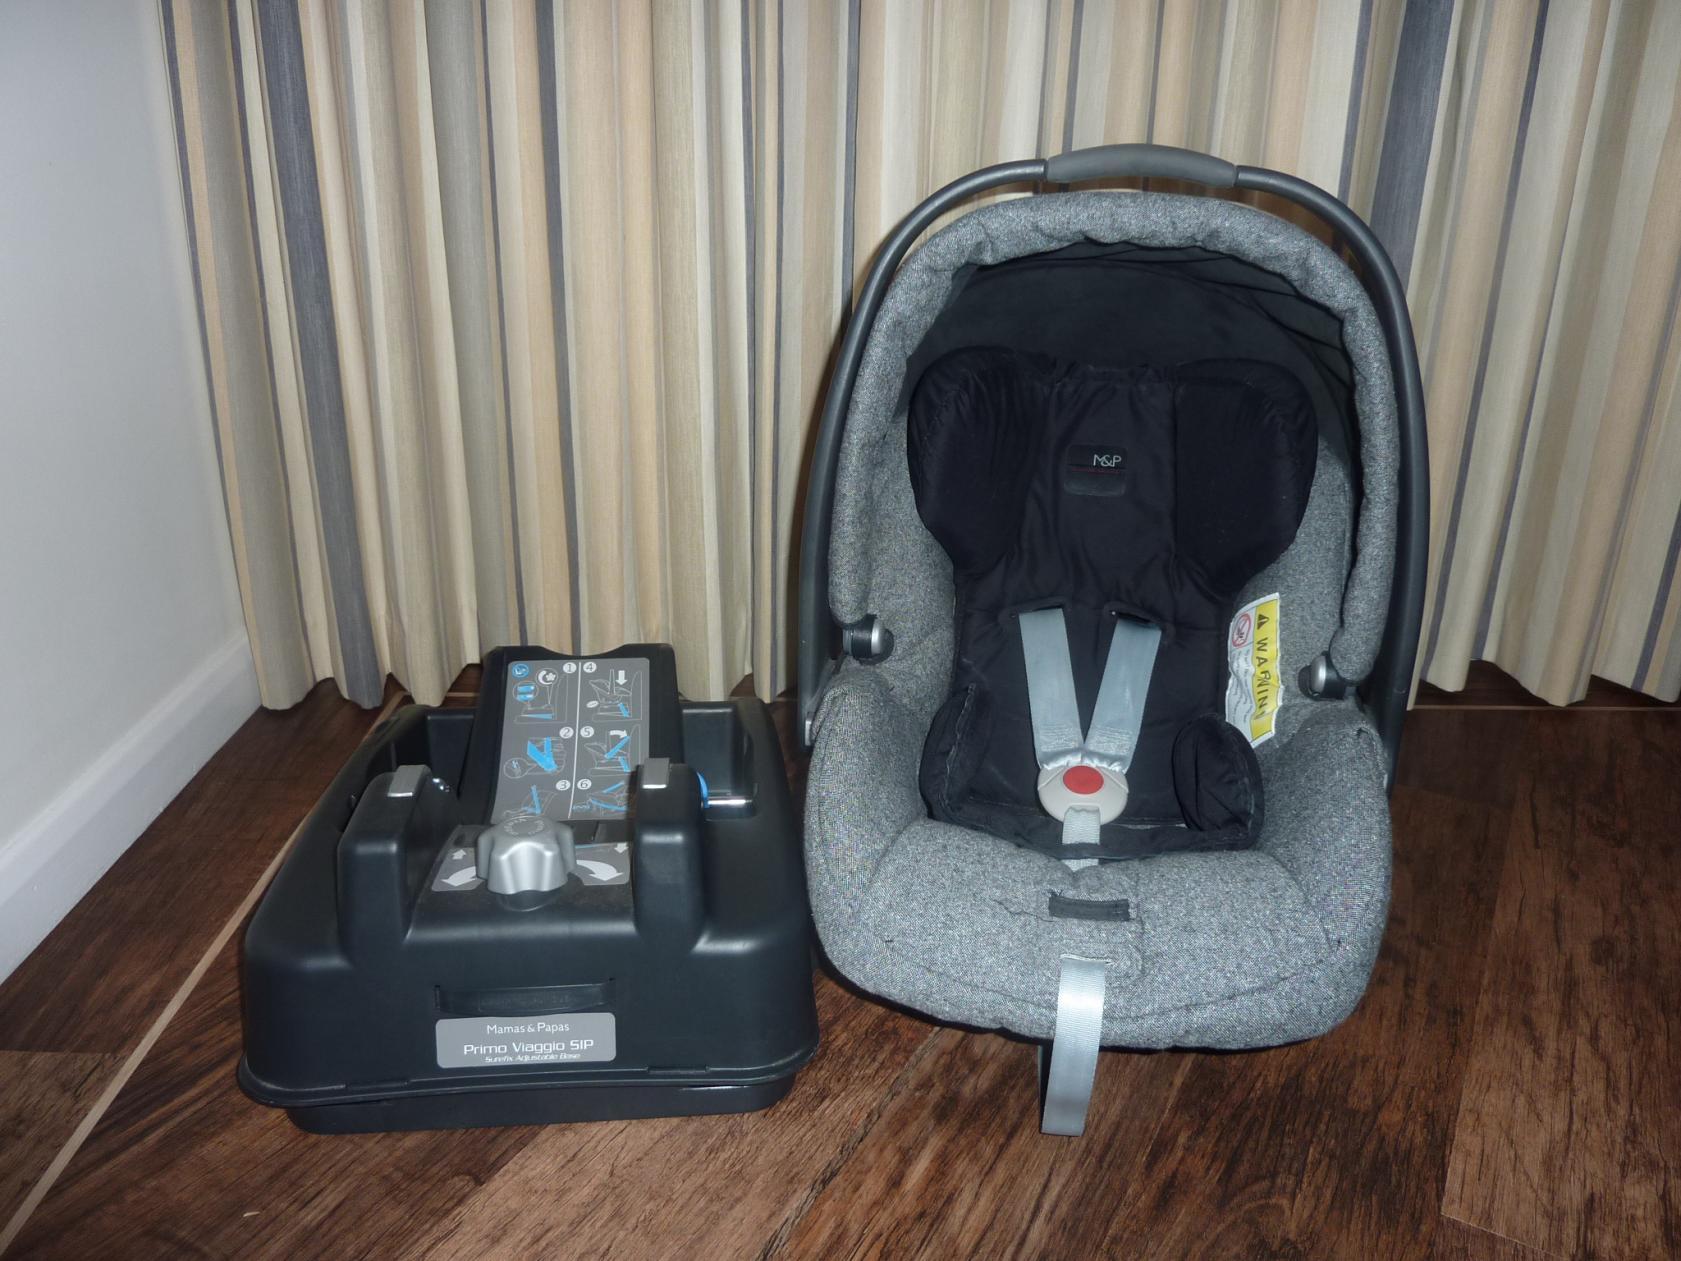 mamas and papas primo viaggio car seat